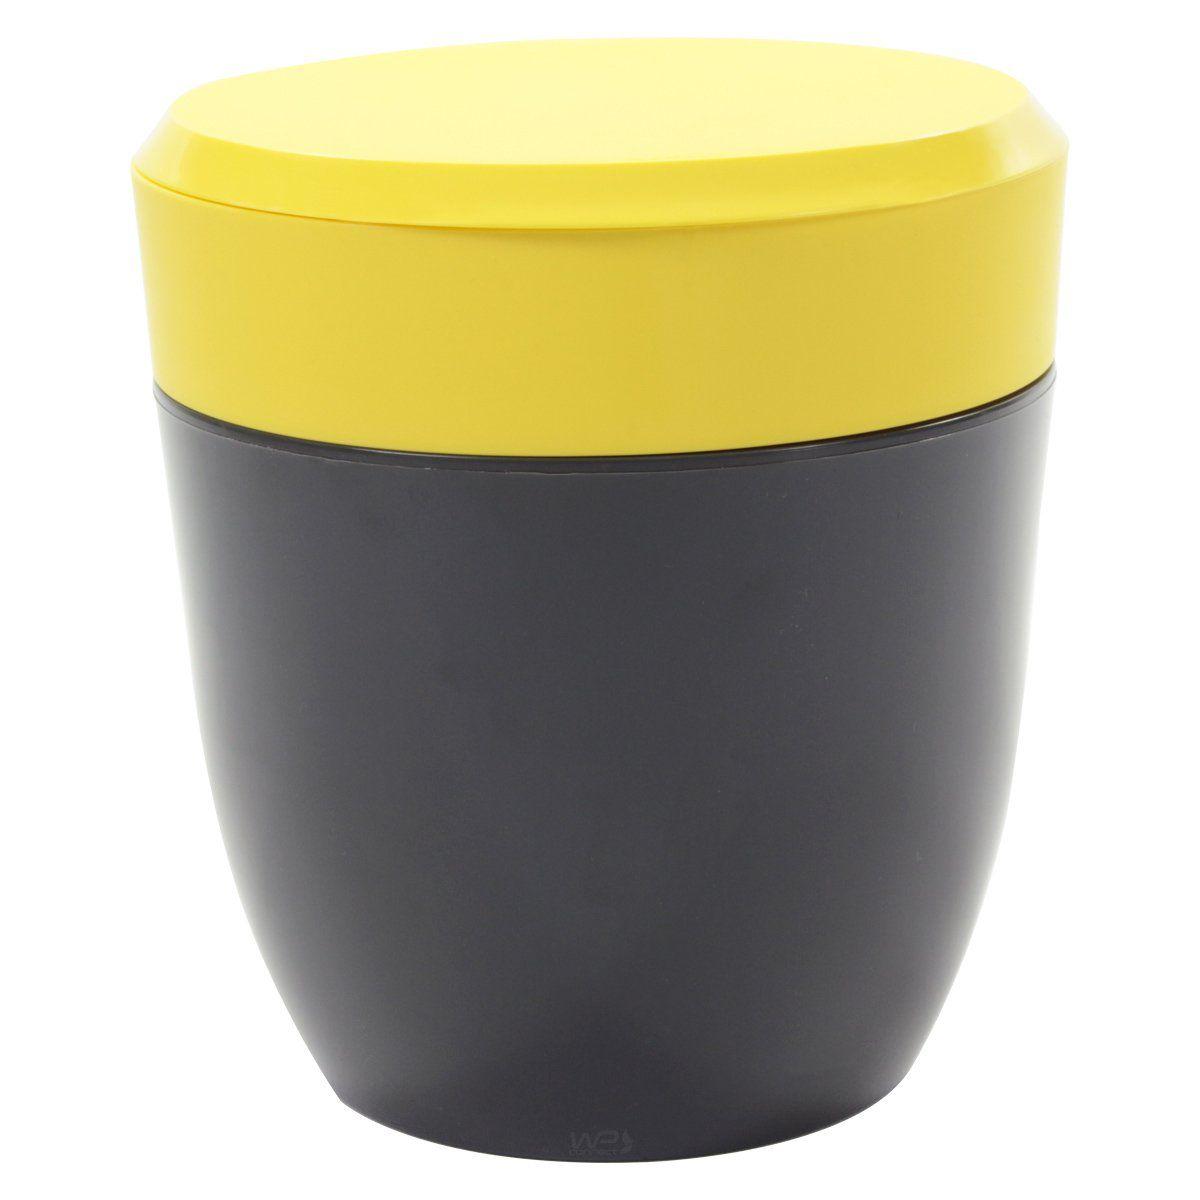 Lixeira Redonda 2,5L Compacta Para Pia Cozinha